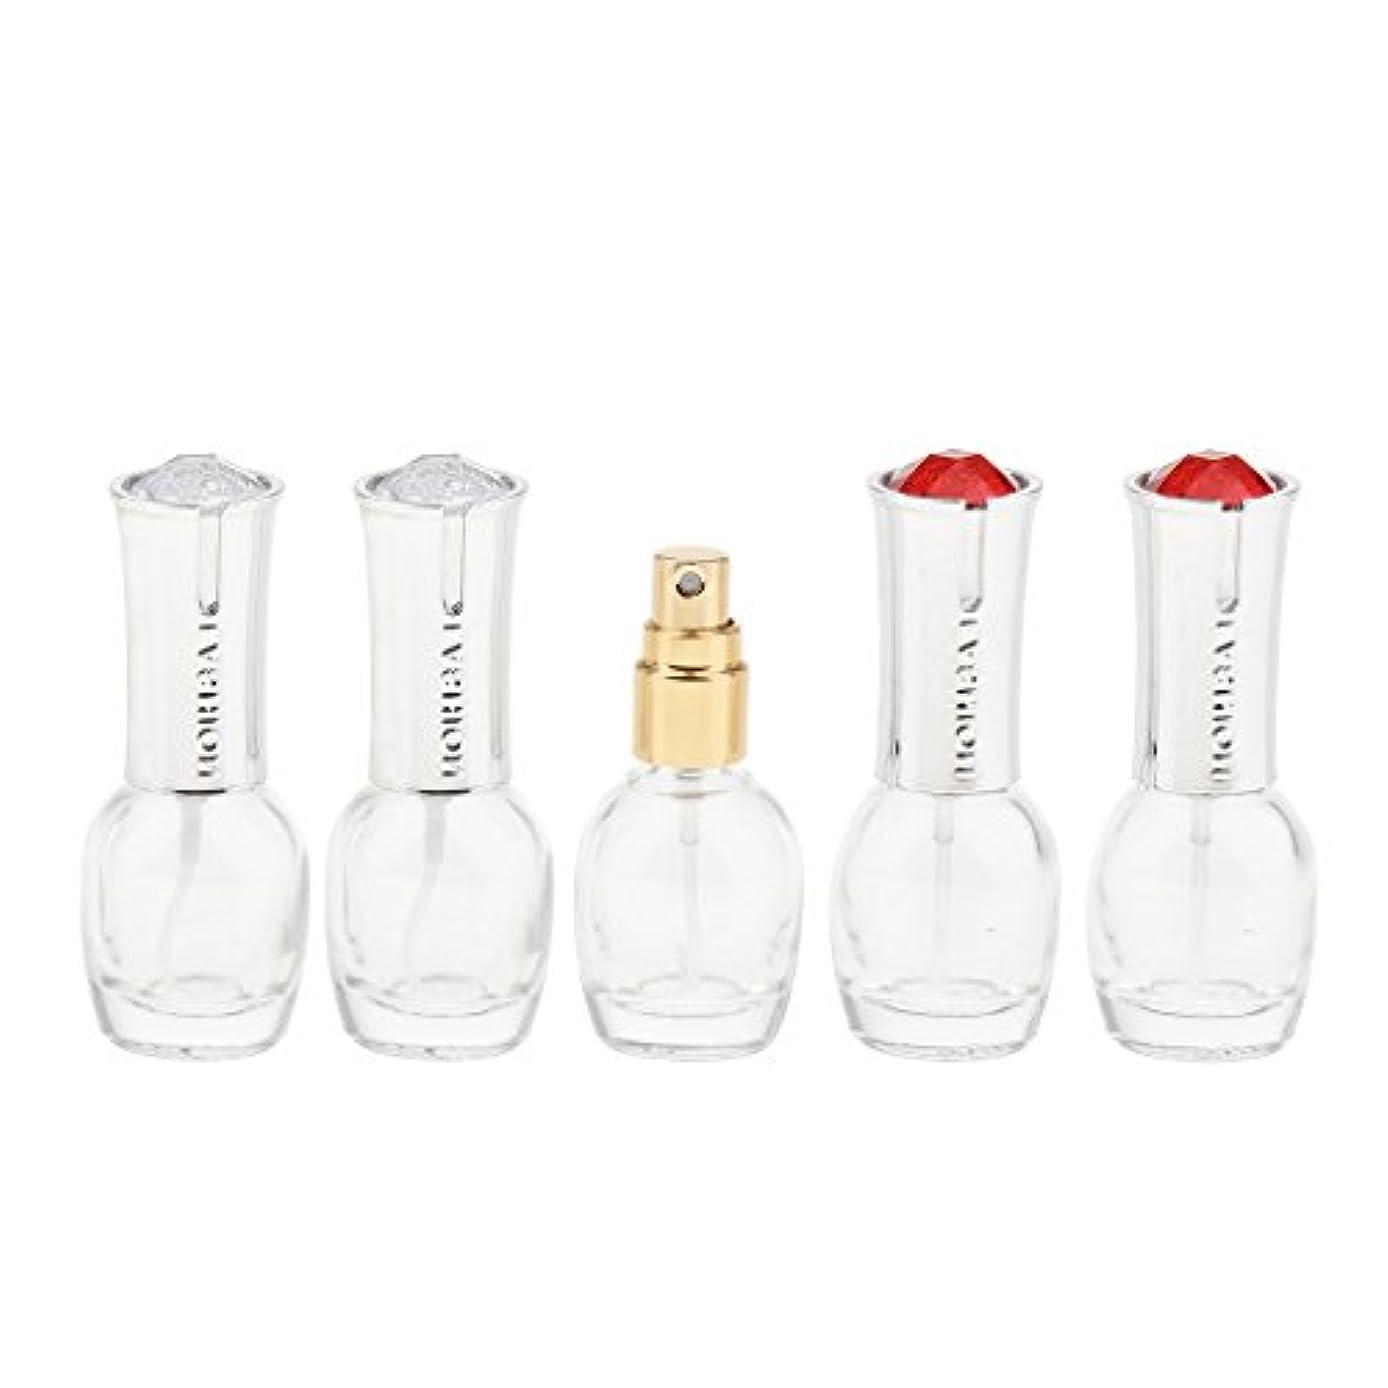 聞きます口径いわゆる5個 ガラス ボトル 10ml 詰替え オイル 香水 ローション 化粧品 コスメ アトマイザー スプレーボトル 旅行